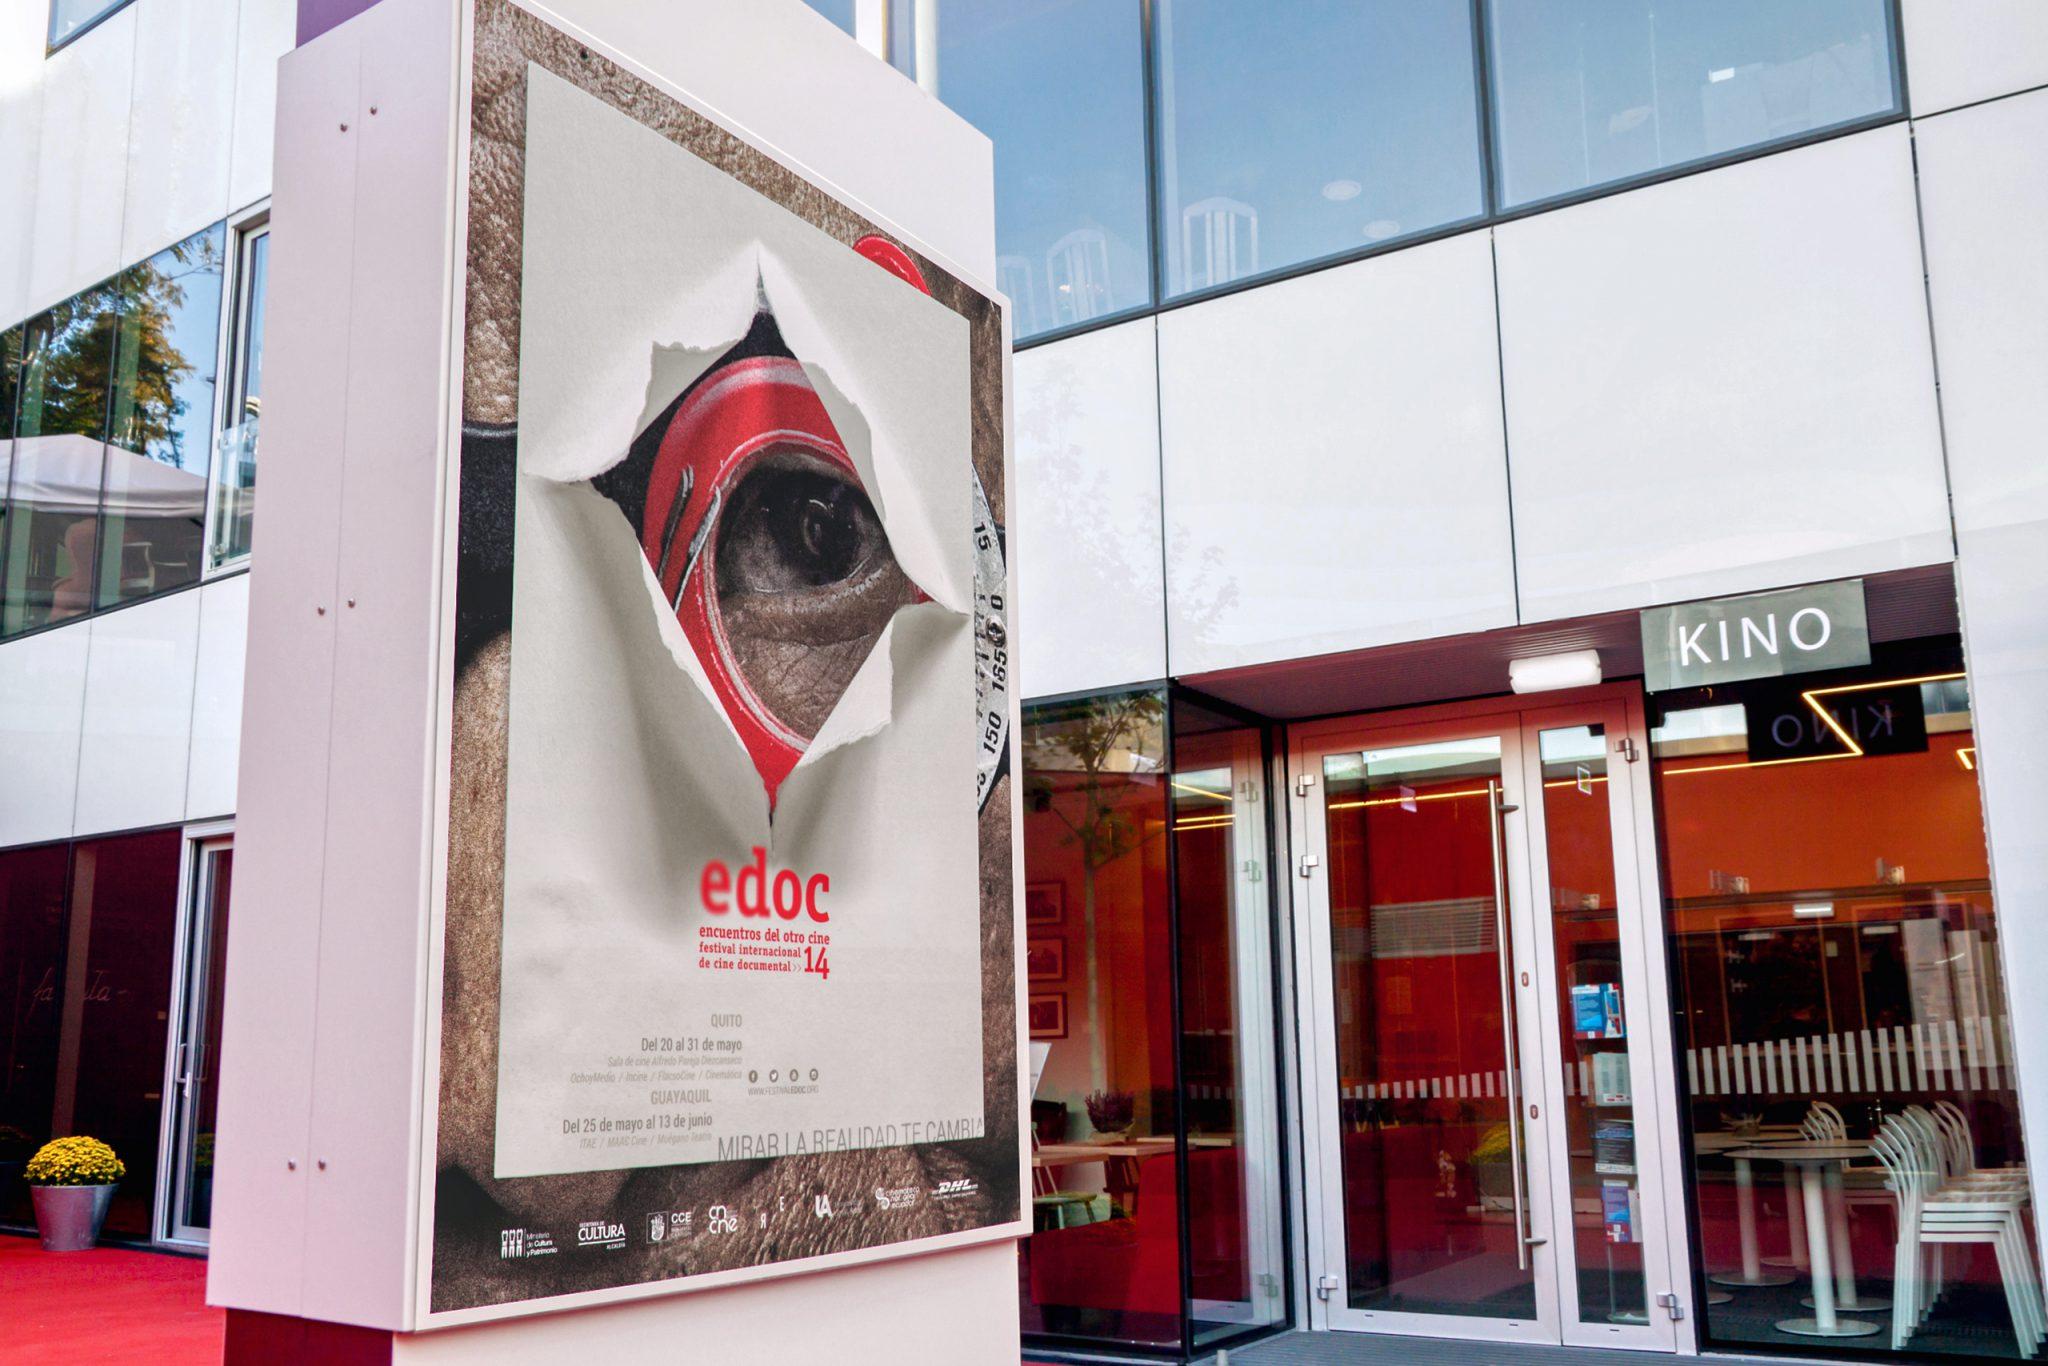 edoc_1